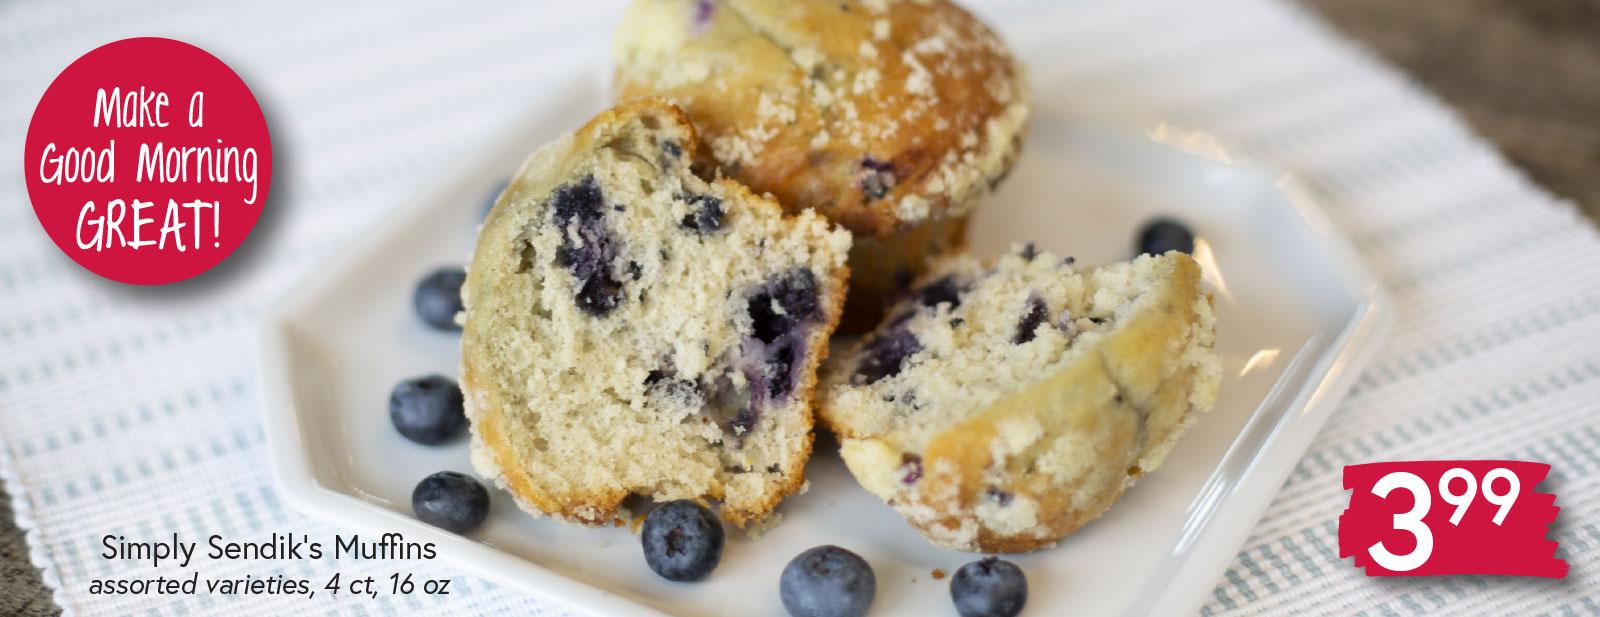 Simply Sendik's Muffins $3.99 4 ct, 16 oz